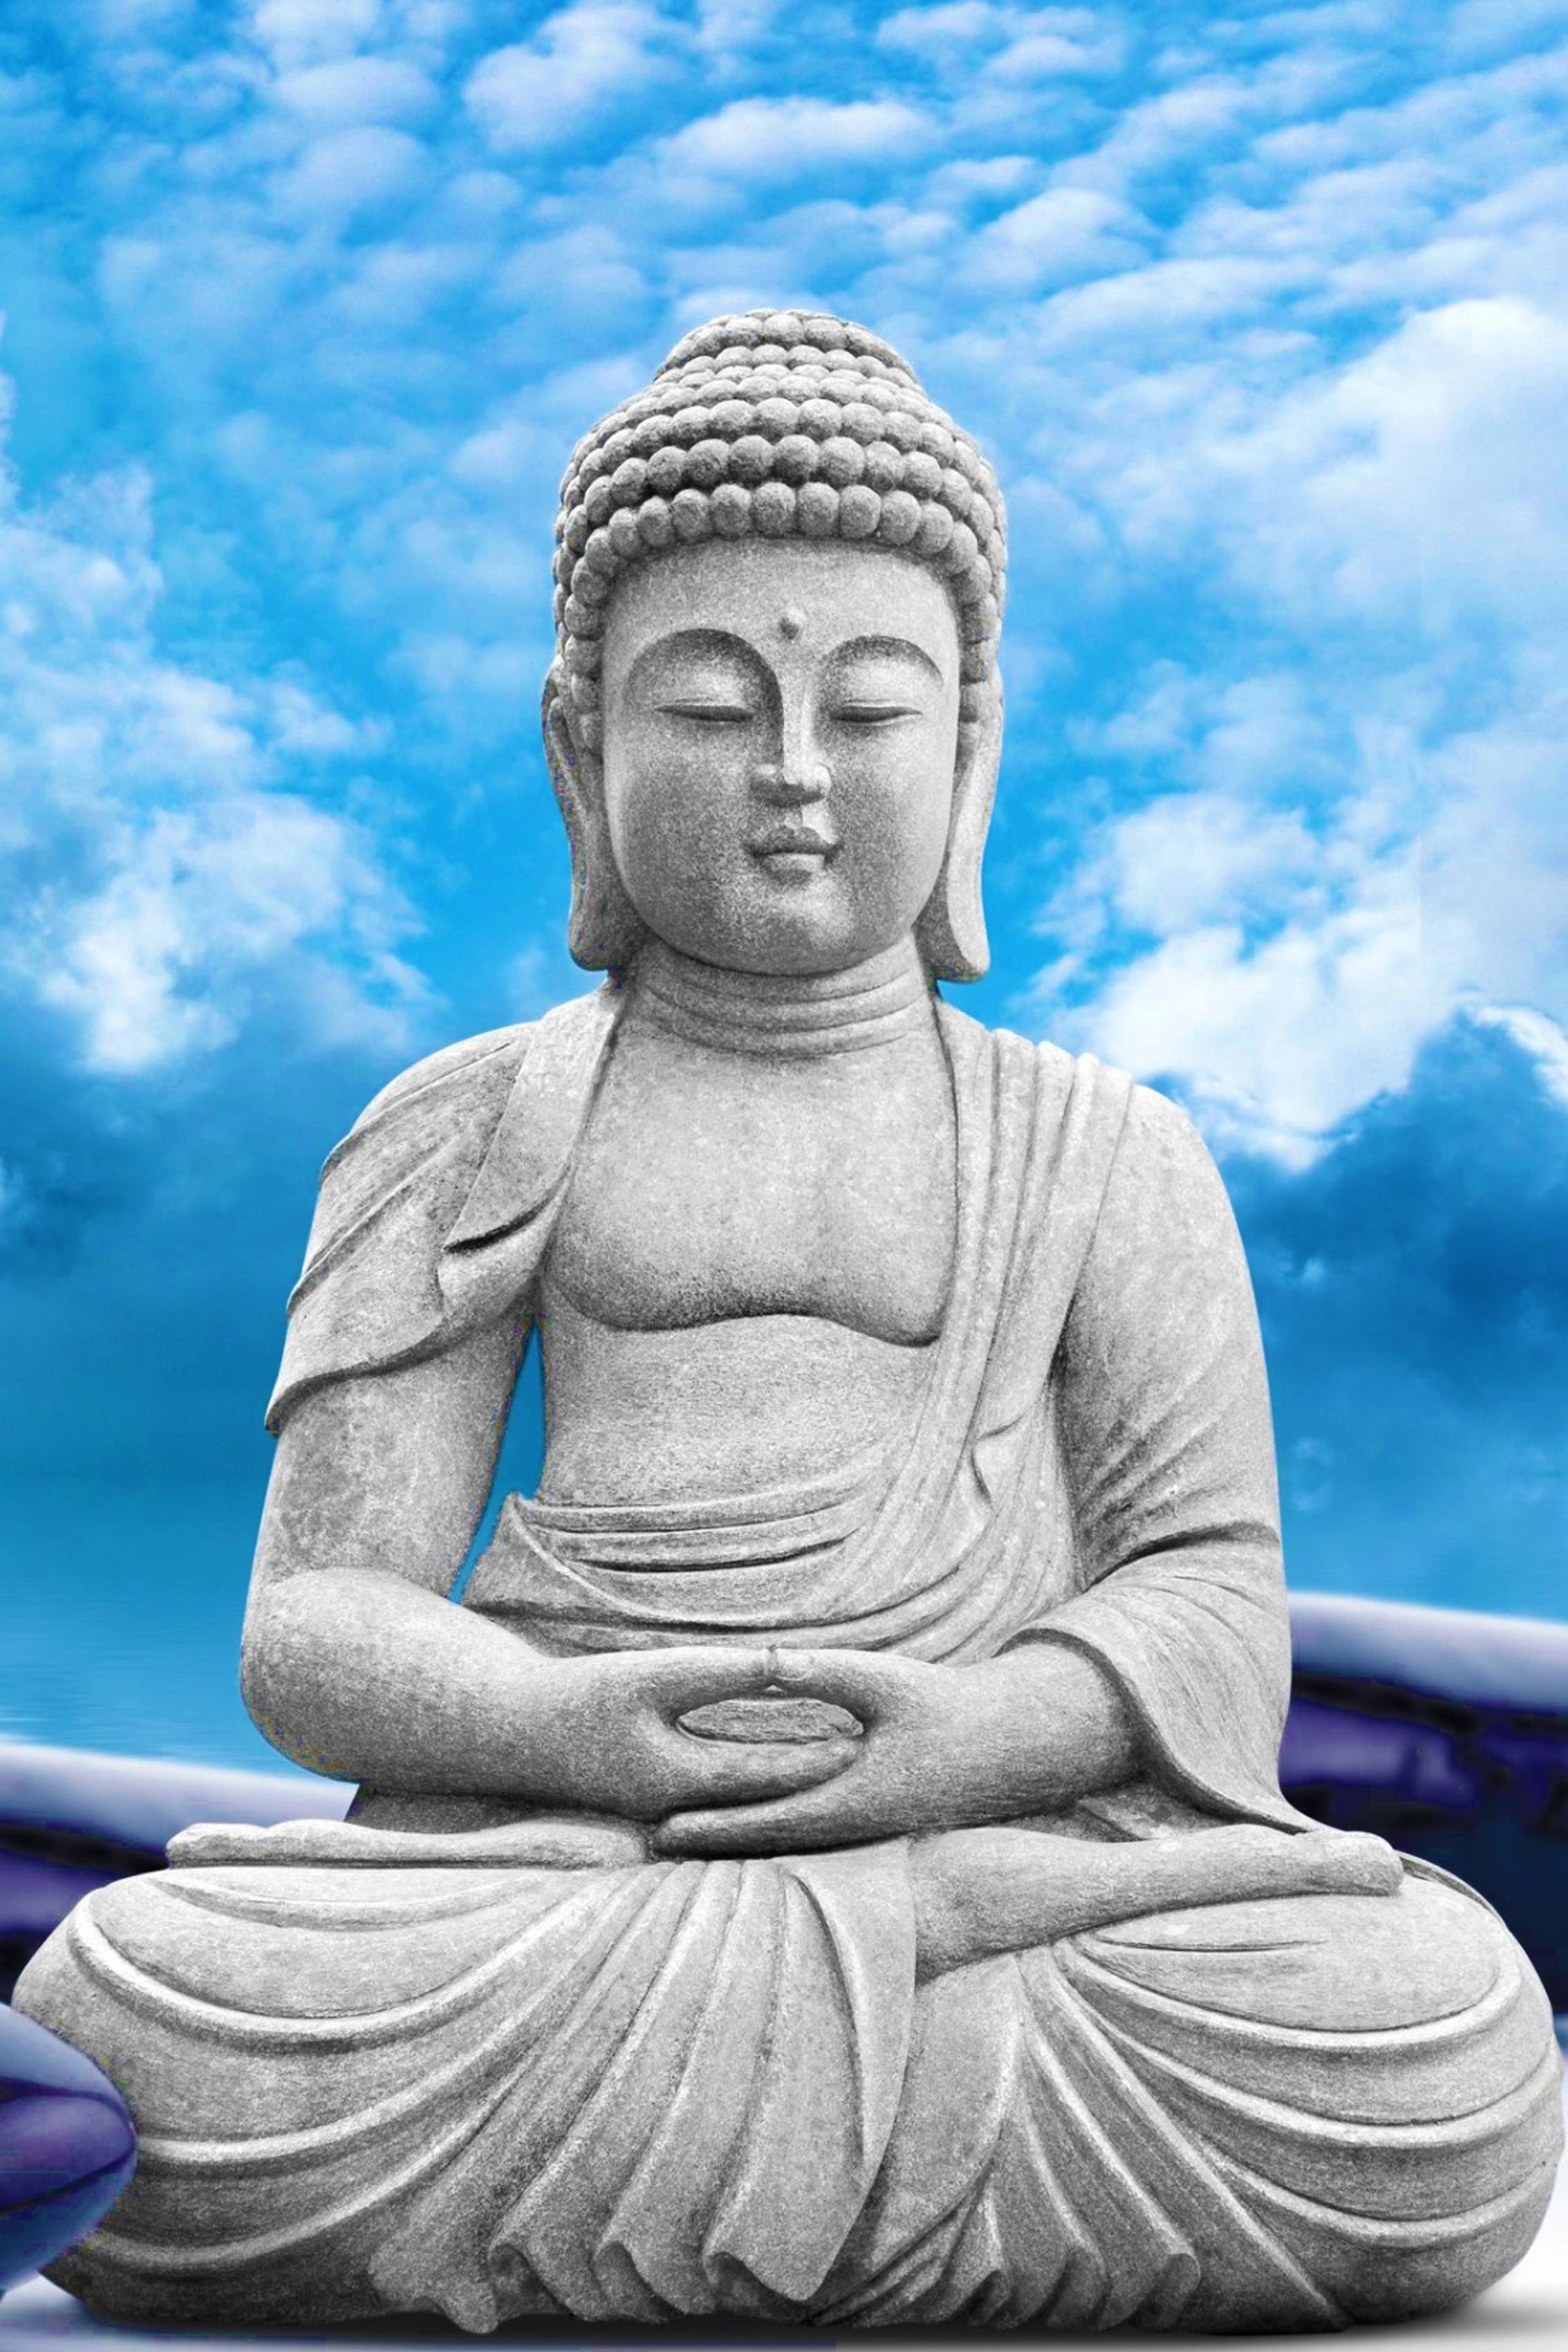 lord buddha statue - HD2268×3402